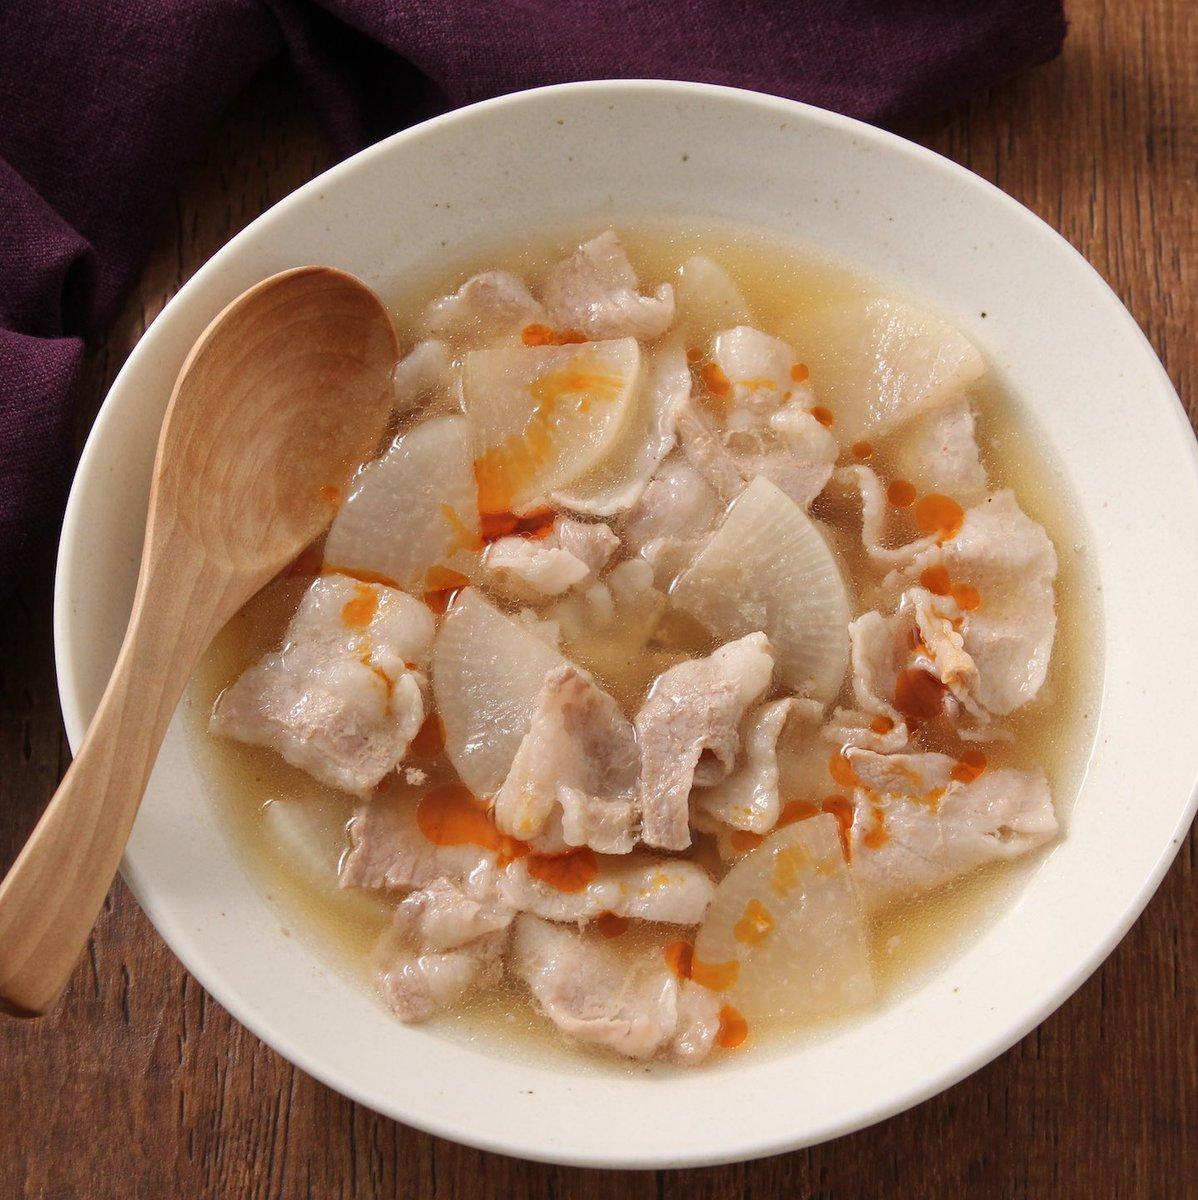 ごろごろ入った具材に食べたときの満足感も大きそう!電子レンジで作れる簡単スープレシピ!